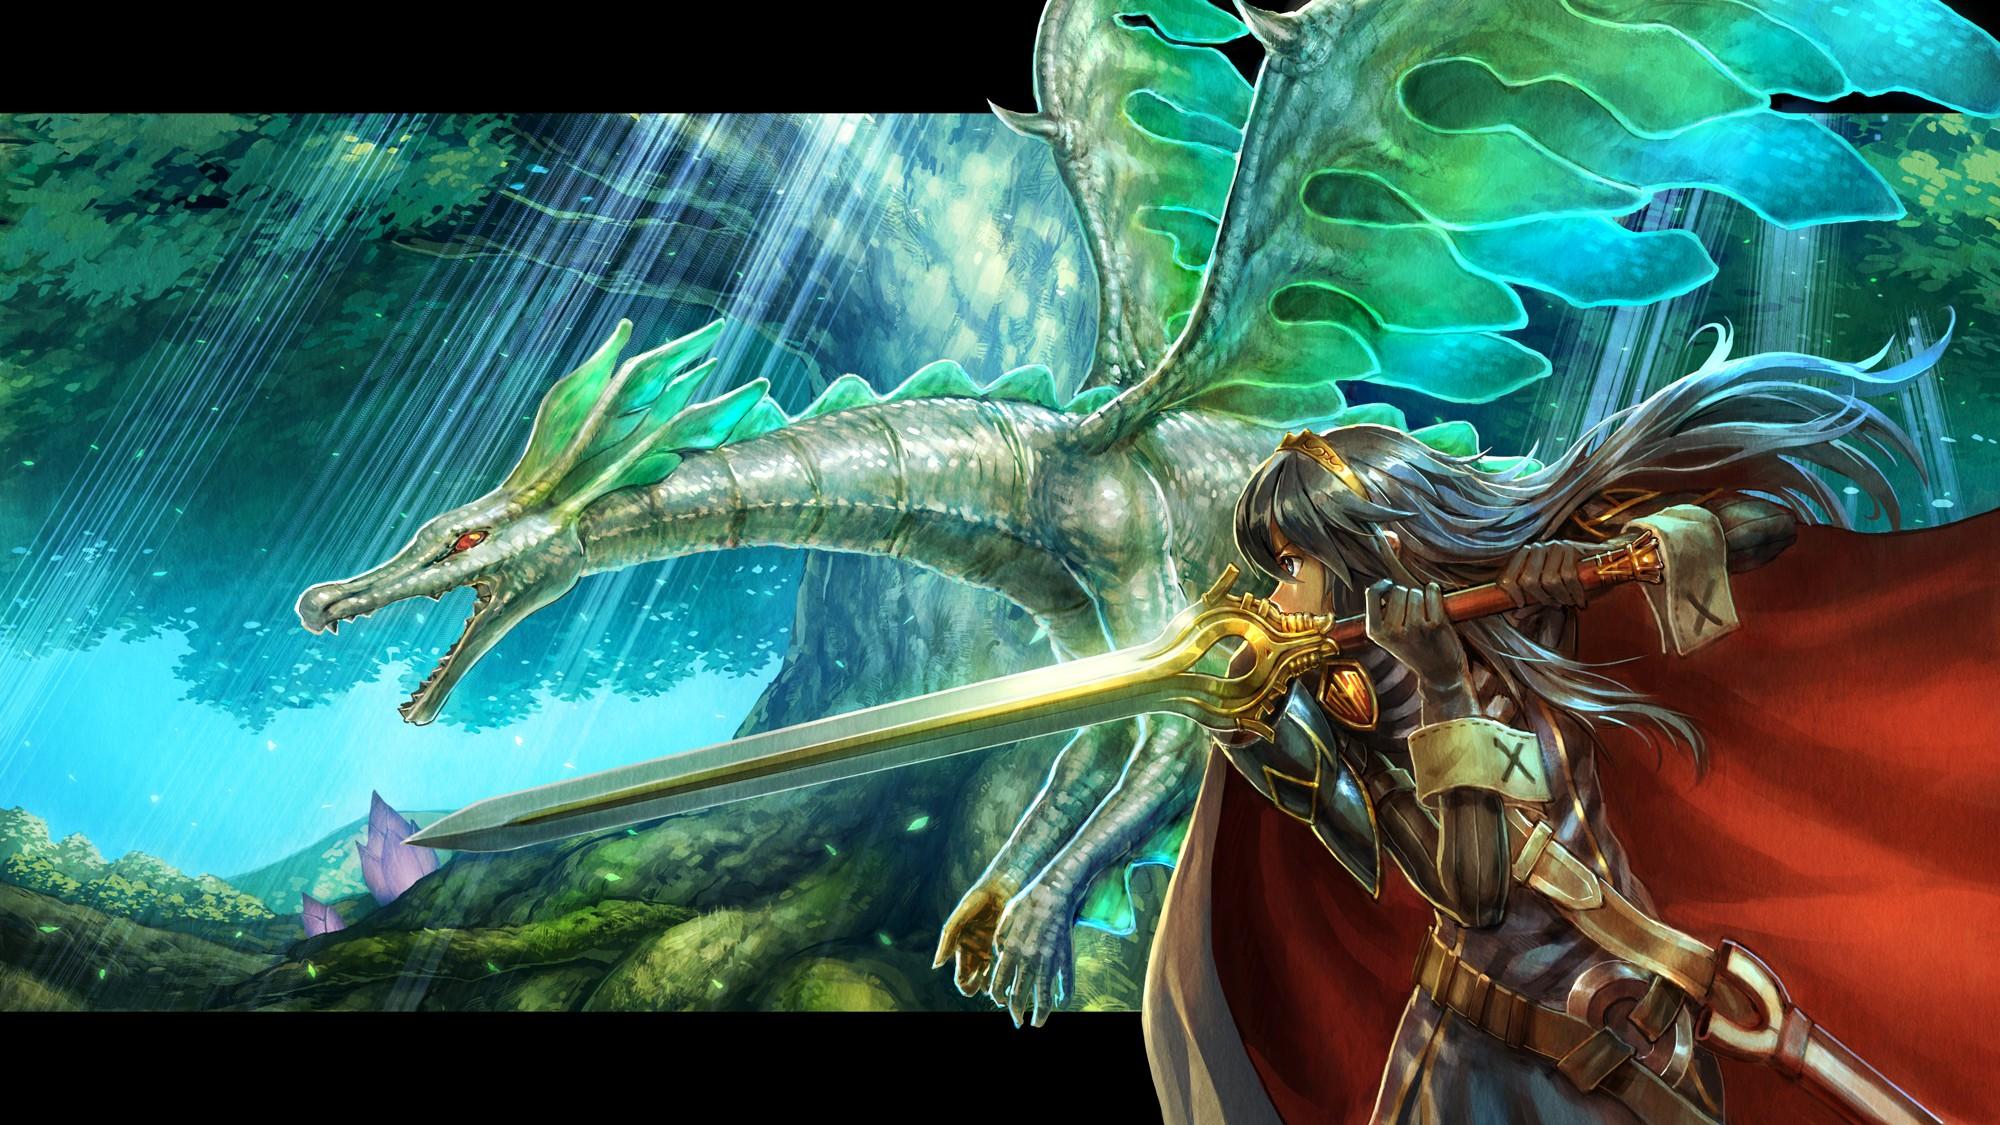 25 Fire Emblem Awakening HD Wallpapers | Backgrounds ...